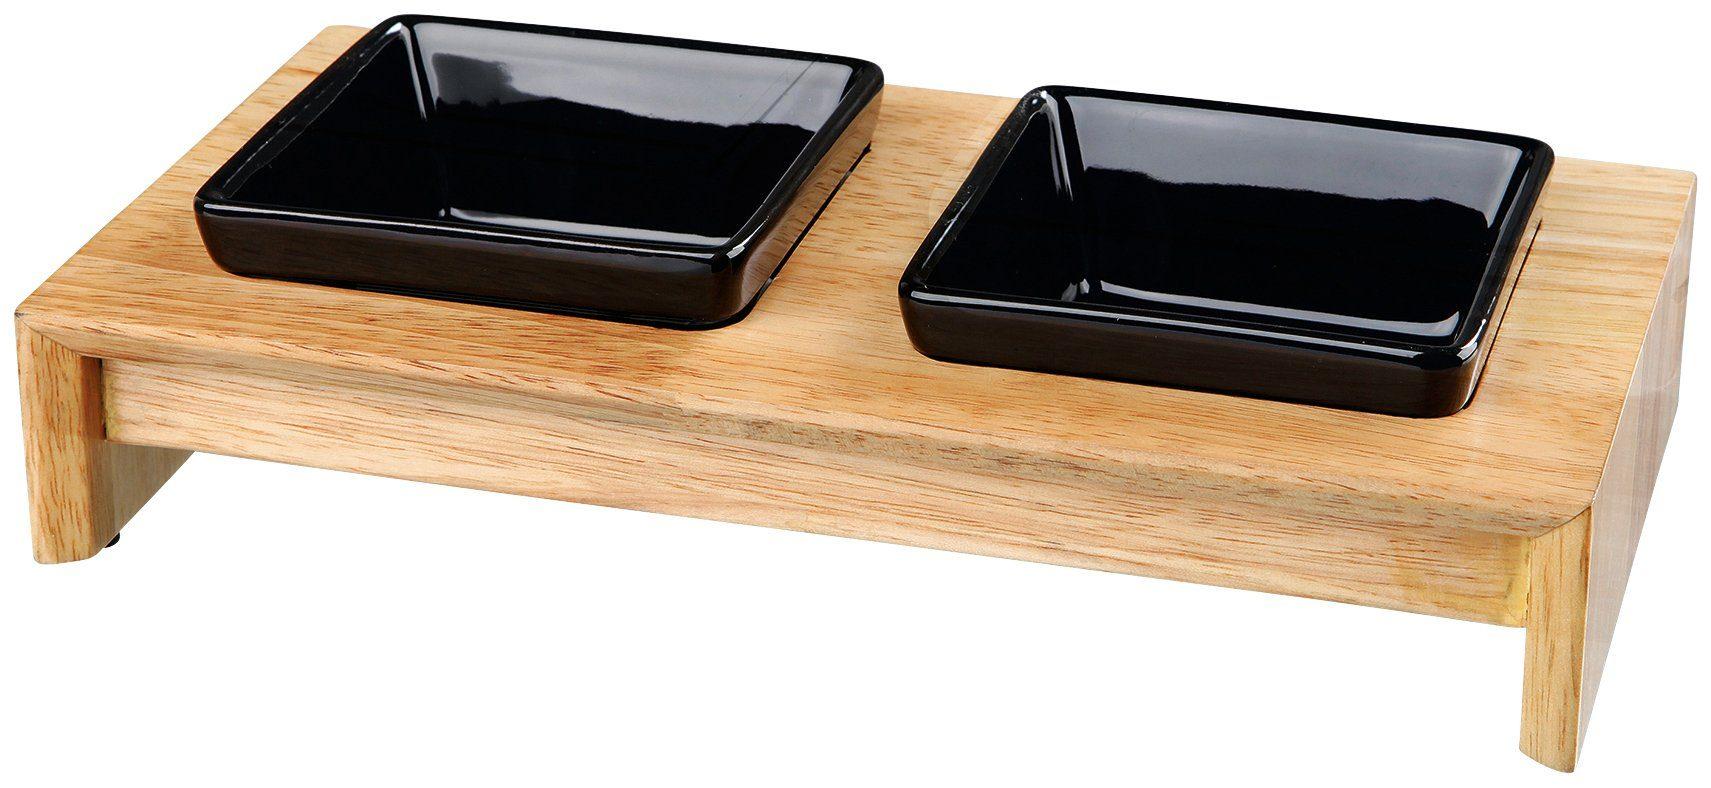 Fressnapf-Set, Keramik/Holz, 2 x 200 ml